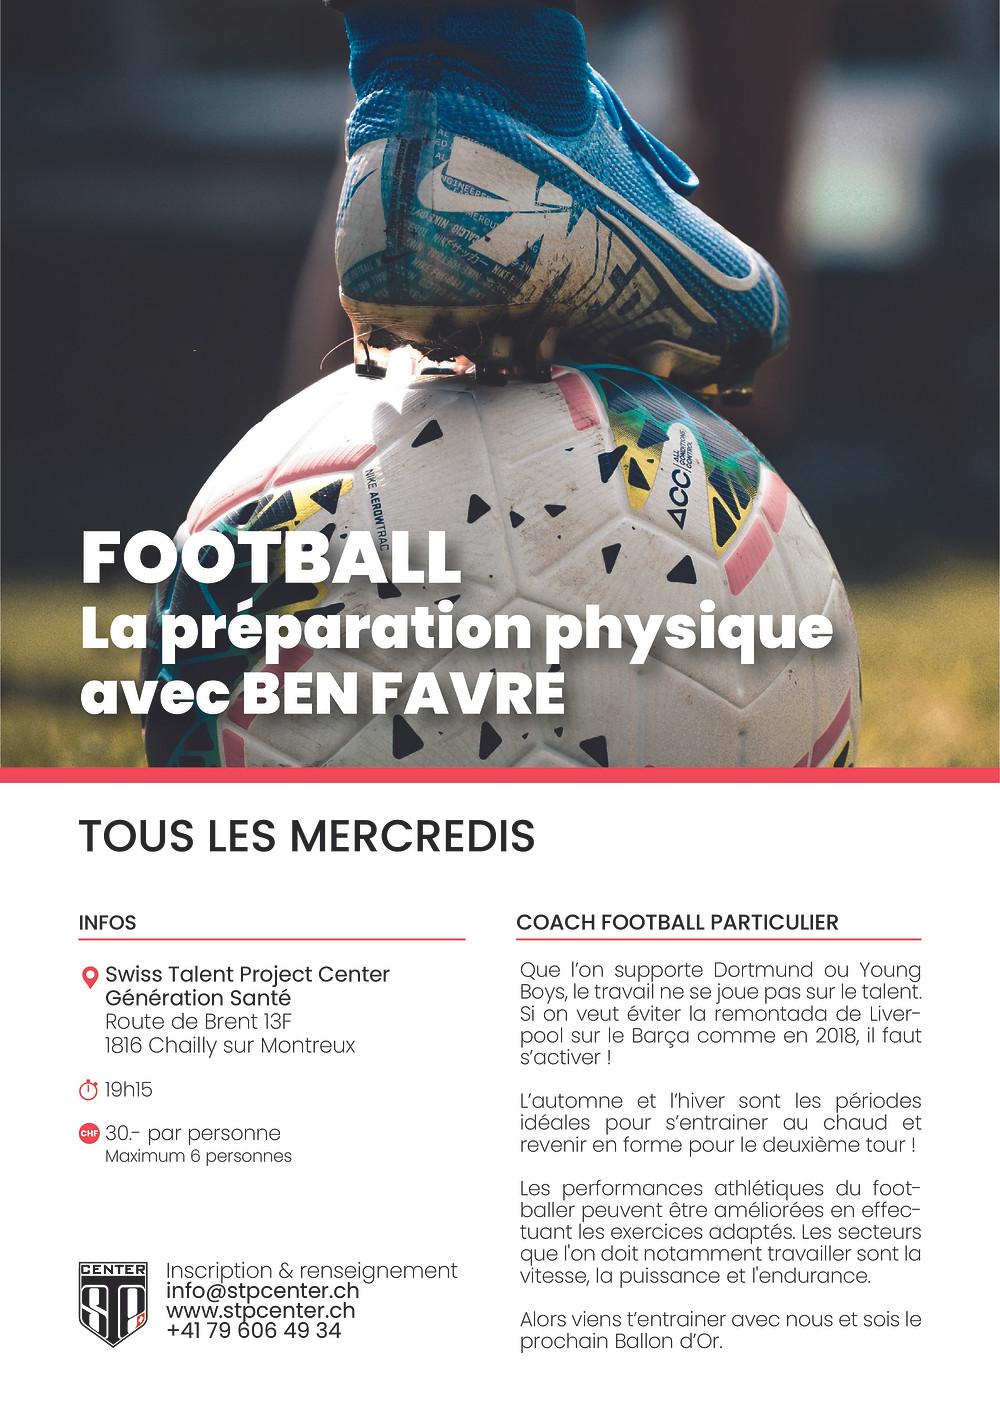 Football, Ben Favre vous aidera à améliorer votre préparation physique.